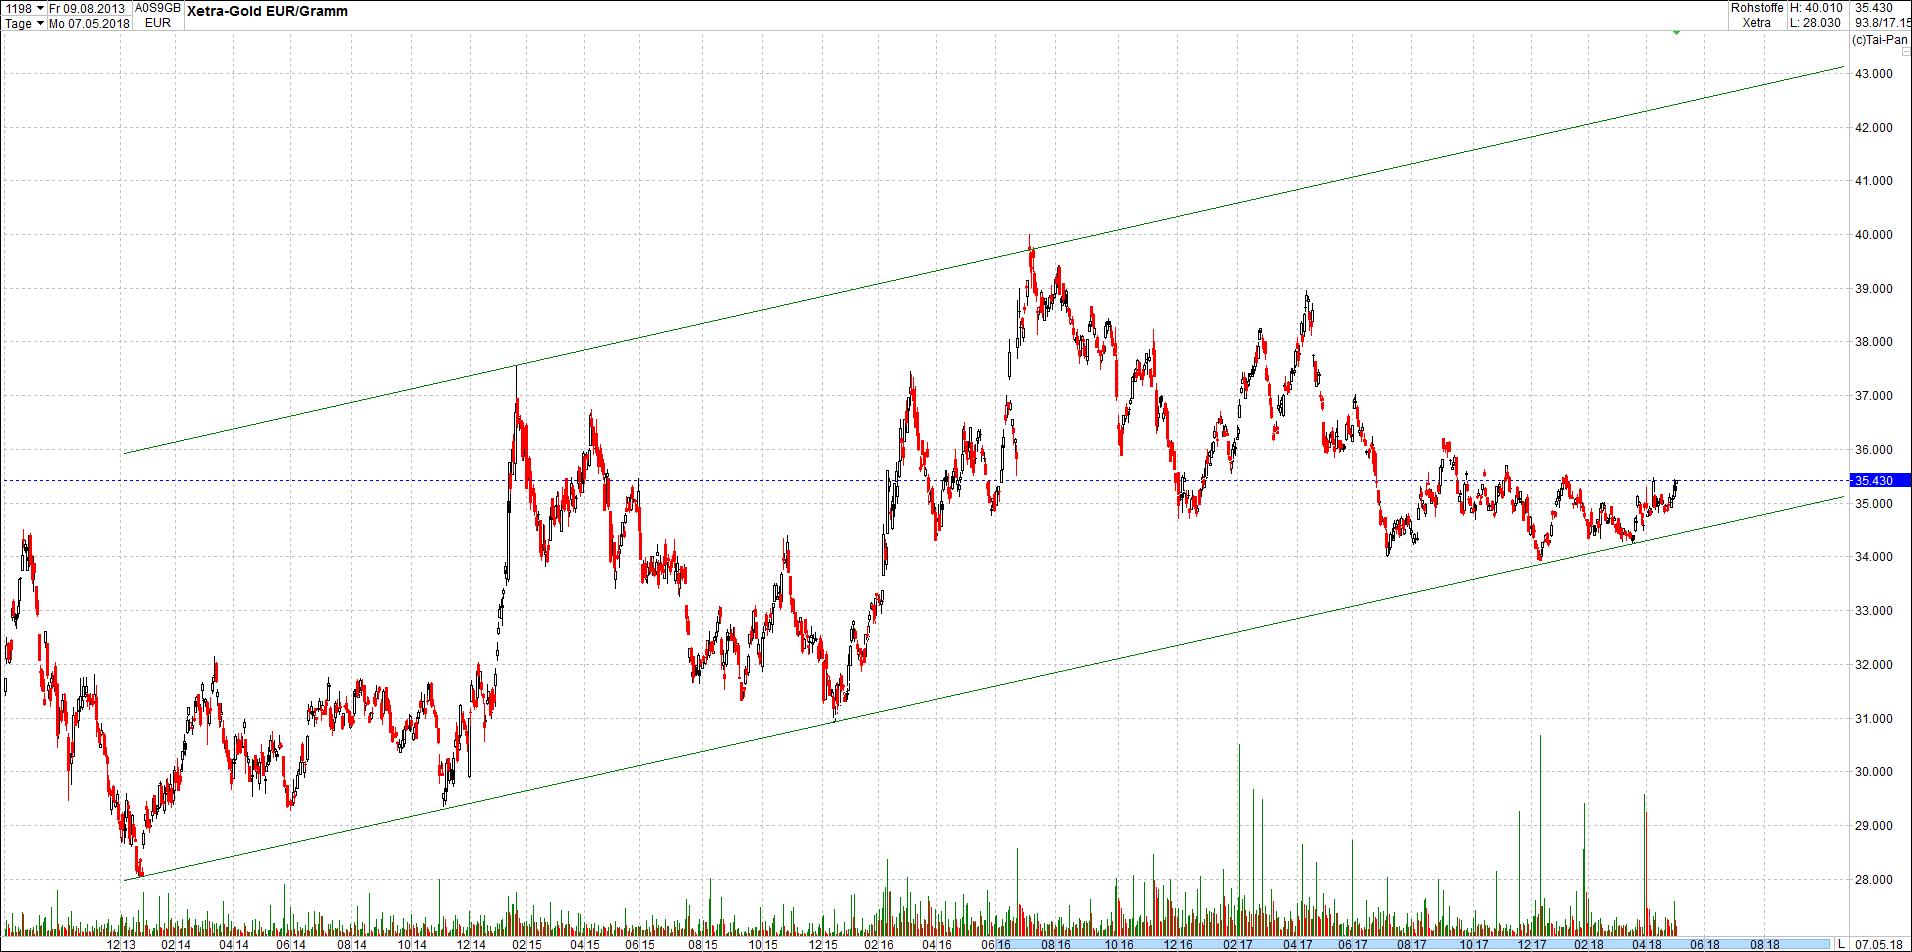 gold_chart_von_heute1.png